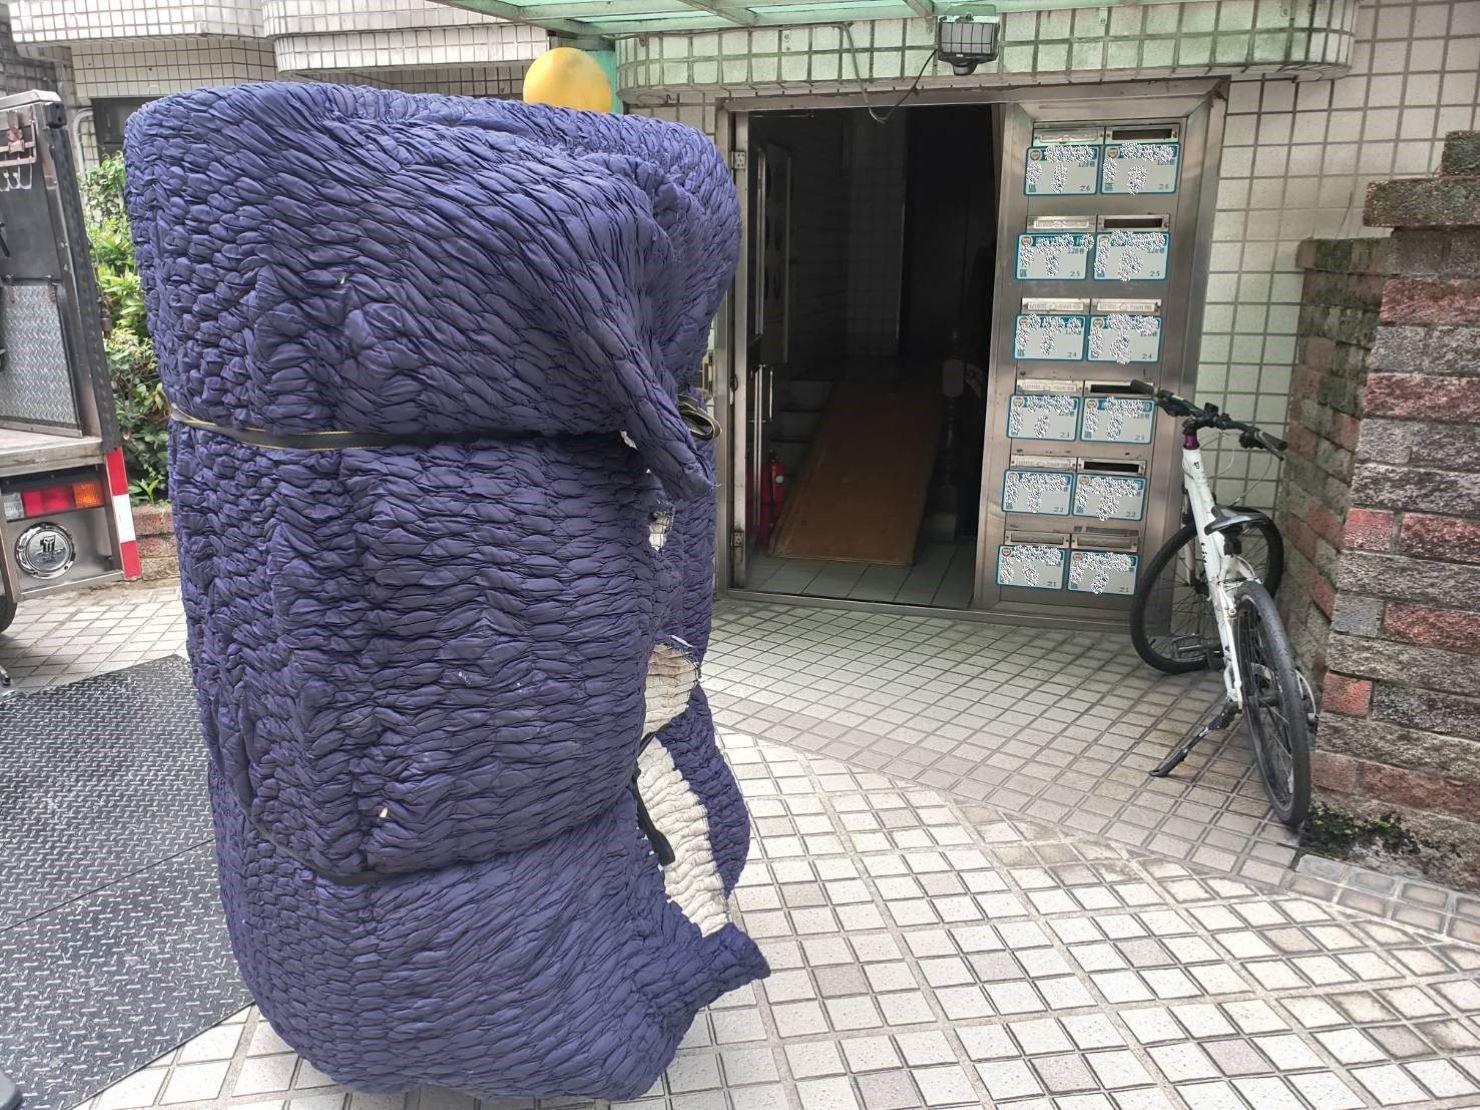 台北搬家推薦【榮福搬家公司】台北搬家、值得您來選擇:用日式伸縮布套包覆住沙發,防碰撞磨損、防弄髒沾汙。